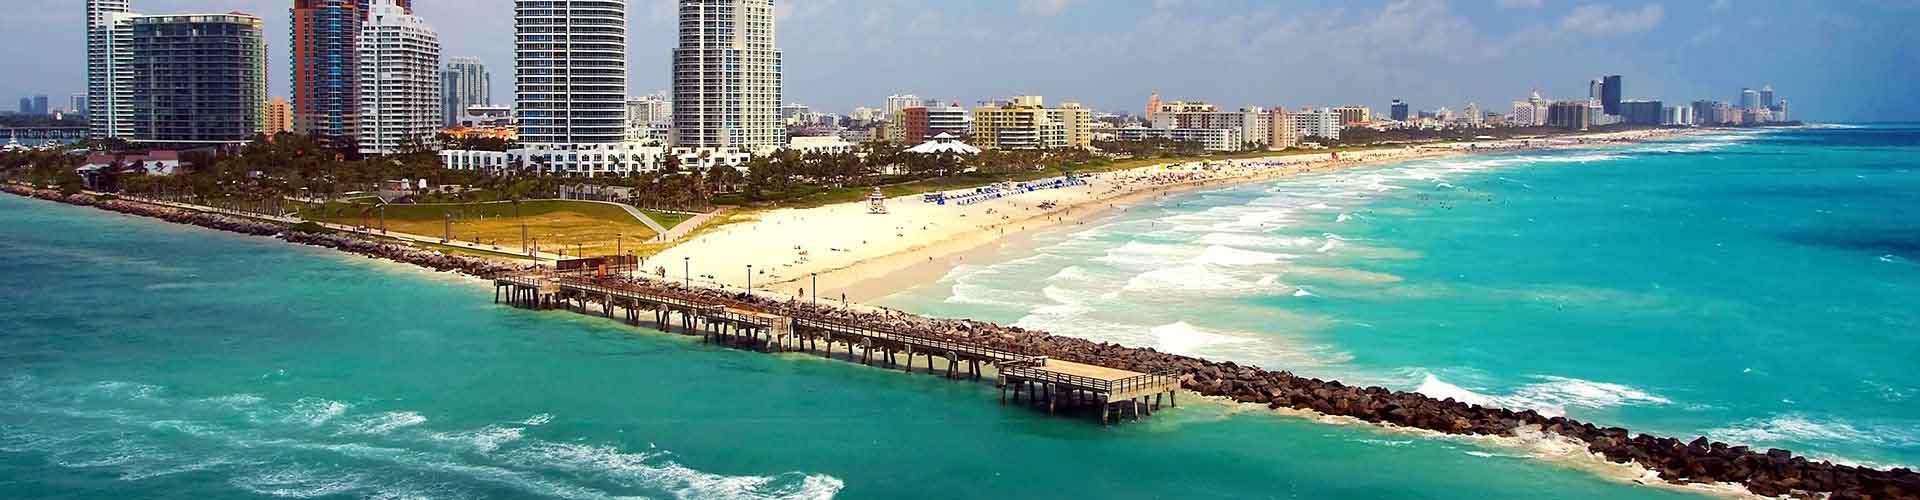 迈阿密 – 迈阿密的露营地。迈阿密地图,迈阿密每个露营地c的照片和评价。